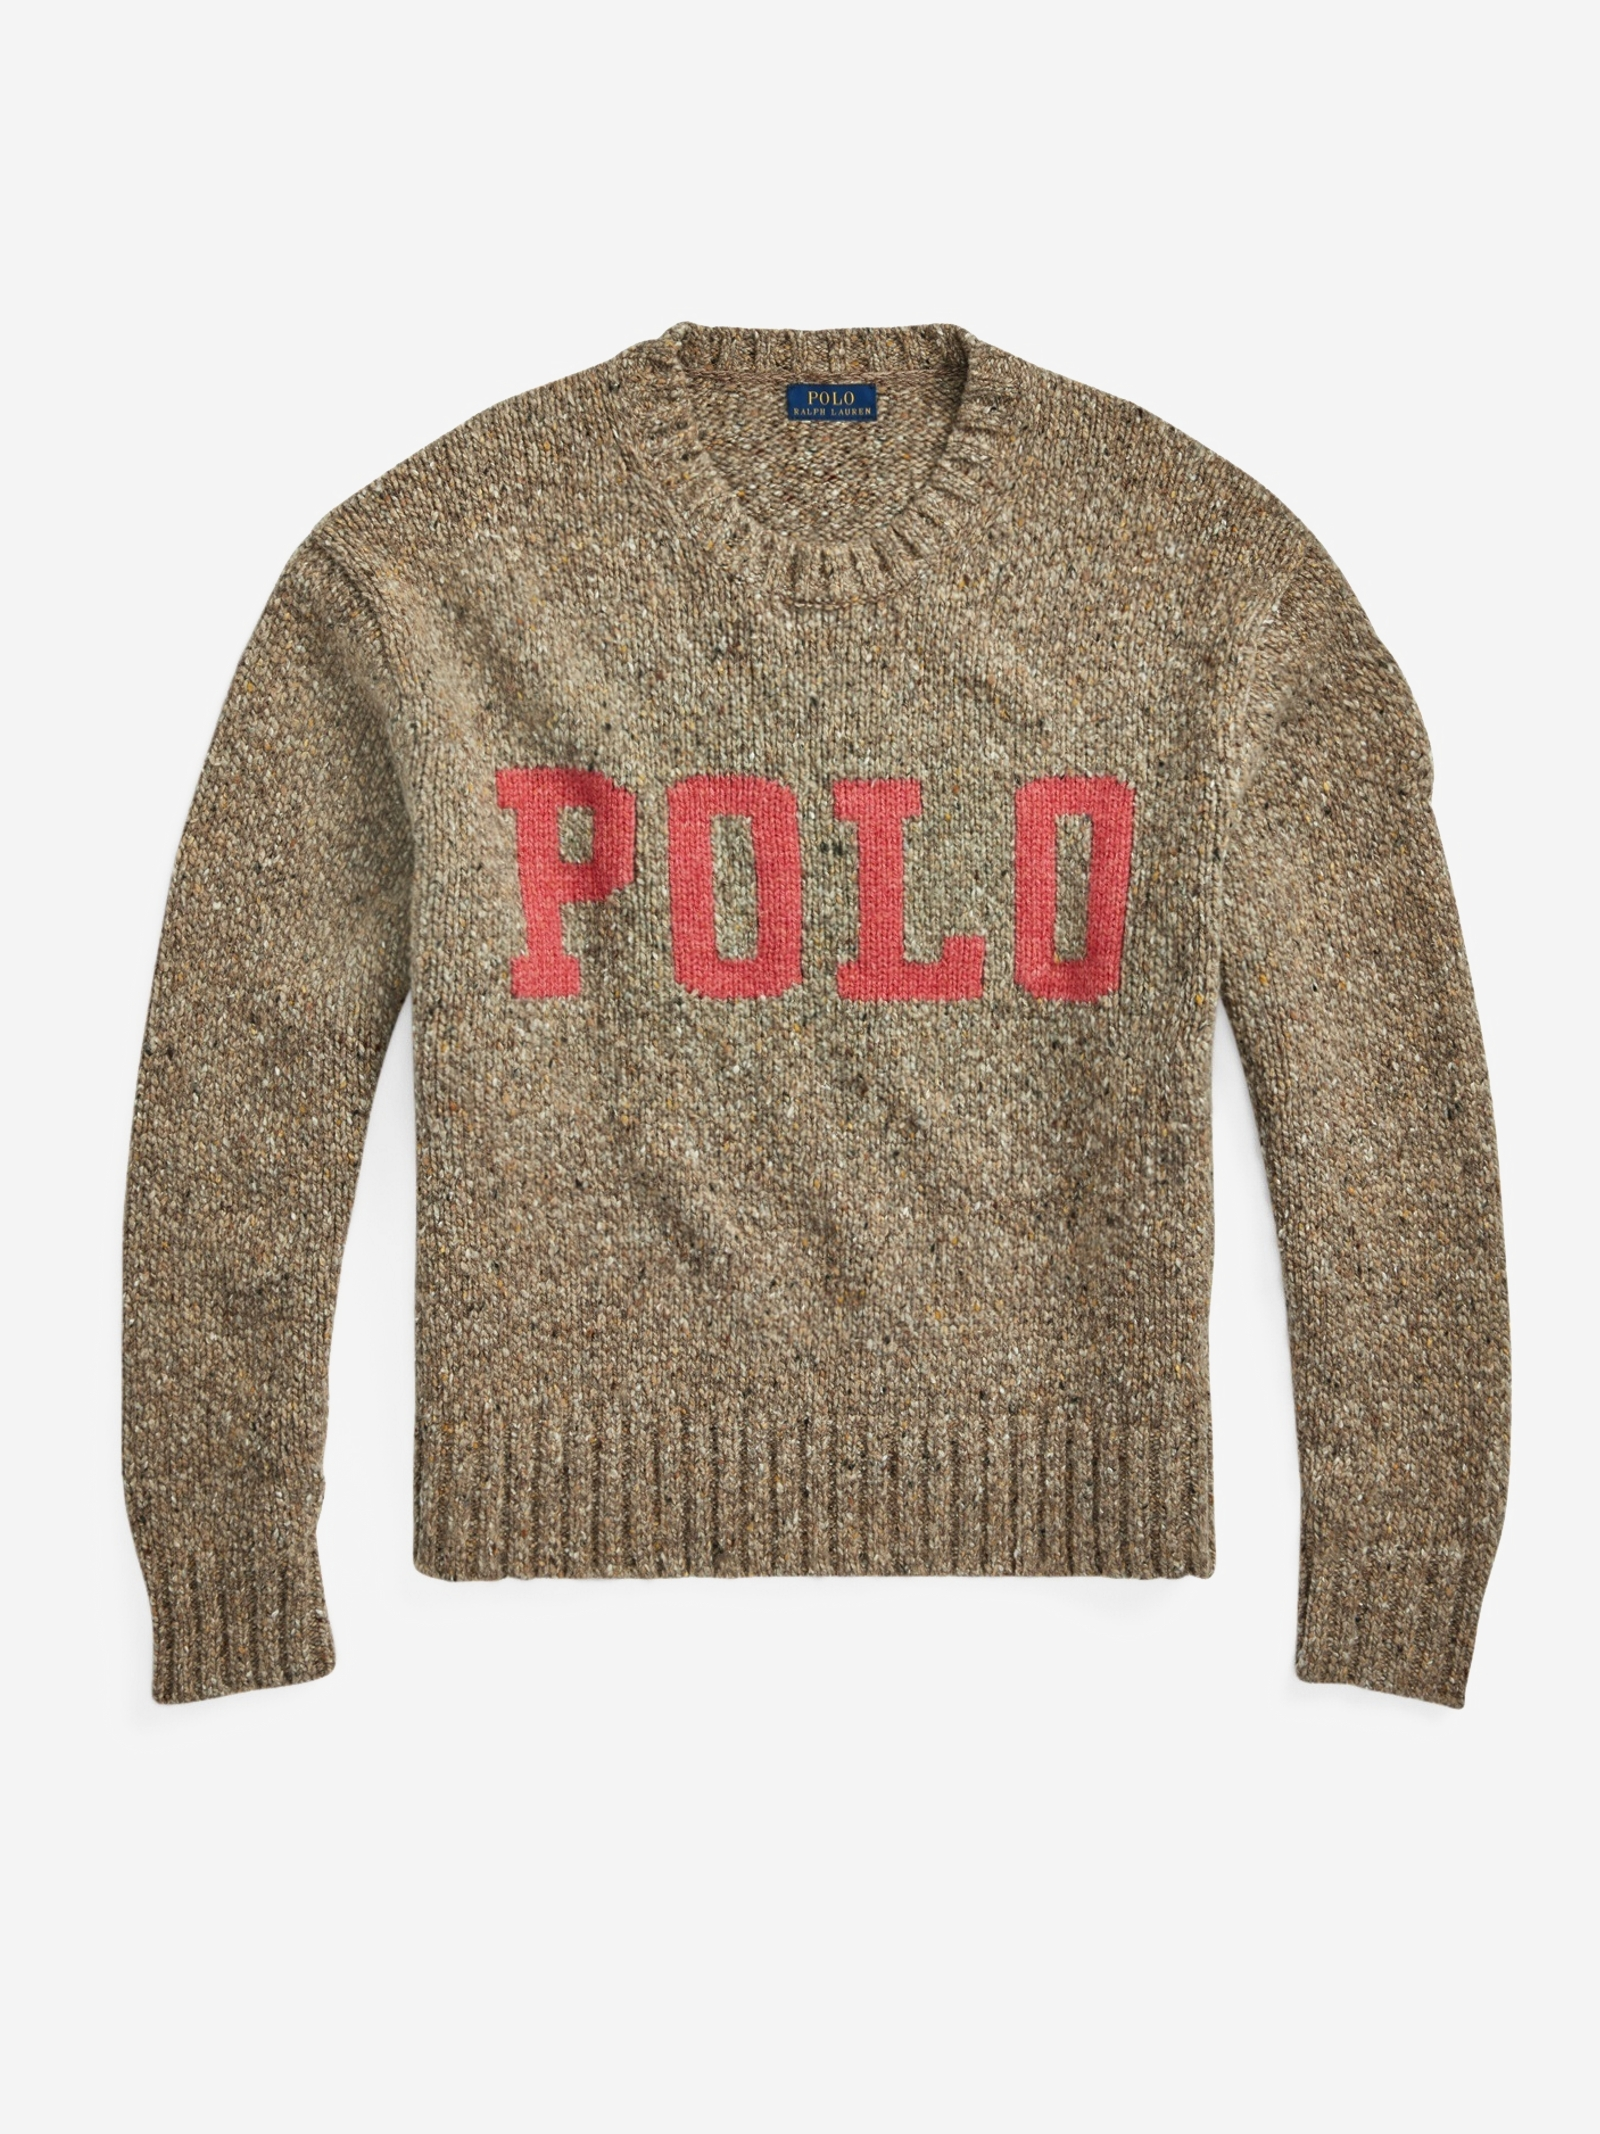 Sweater Polo Ralph Lauren POLO RALPH LAUREN | 1 | 211815712003